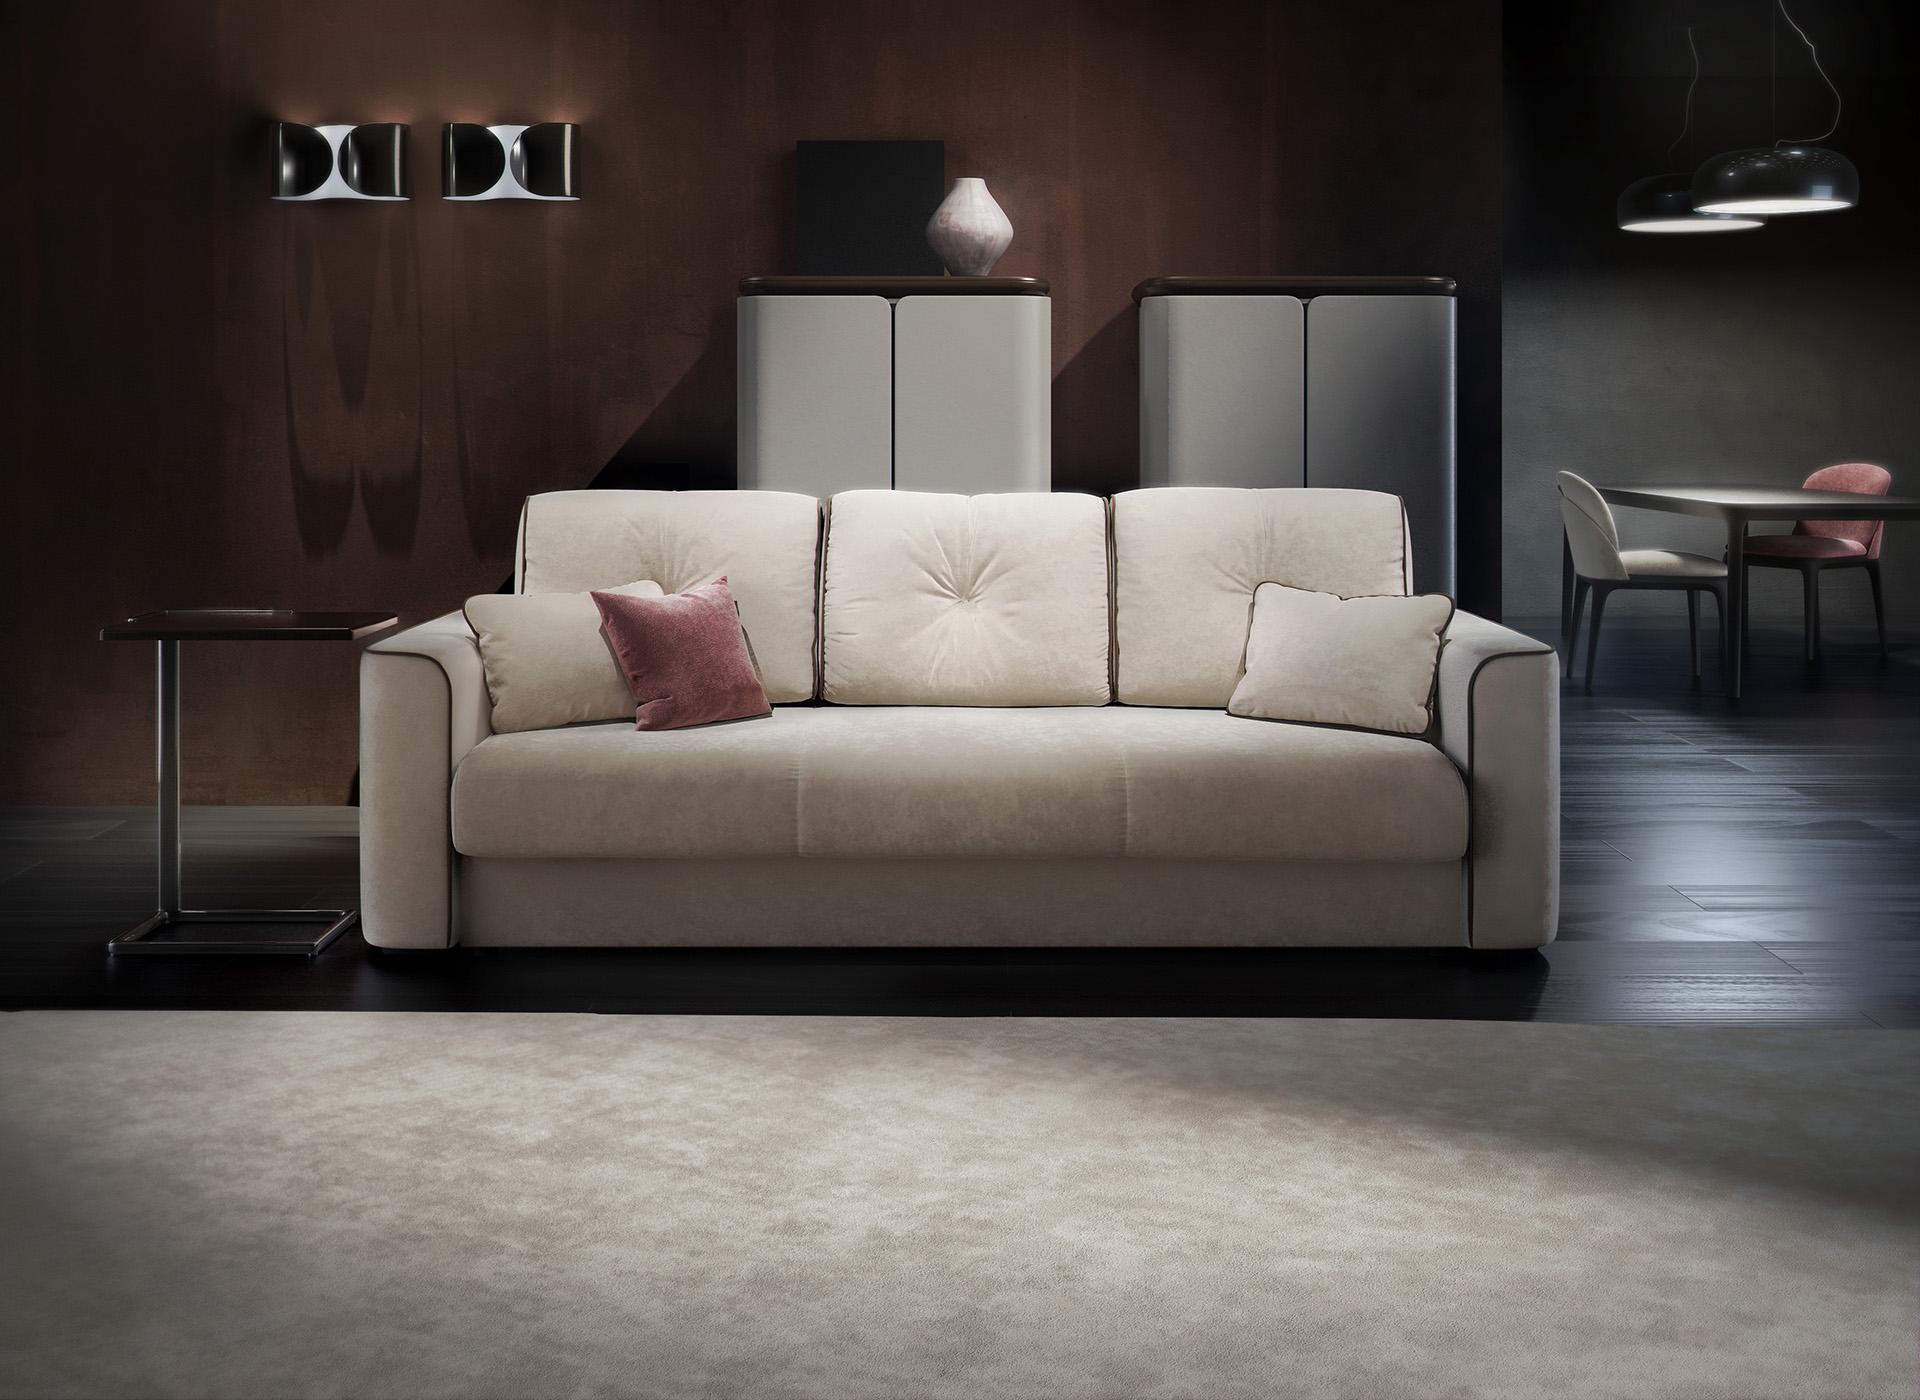 Бежевый бархатный диван еврокнижка в гостиной